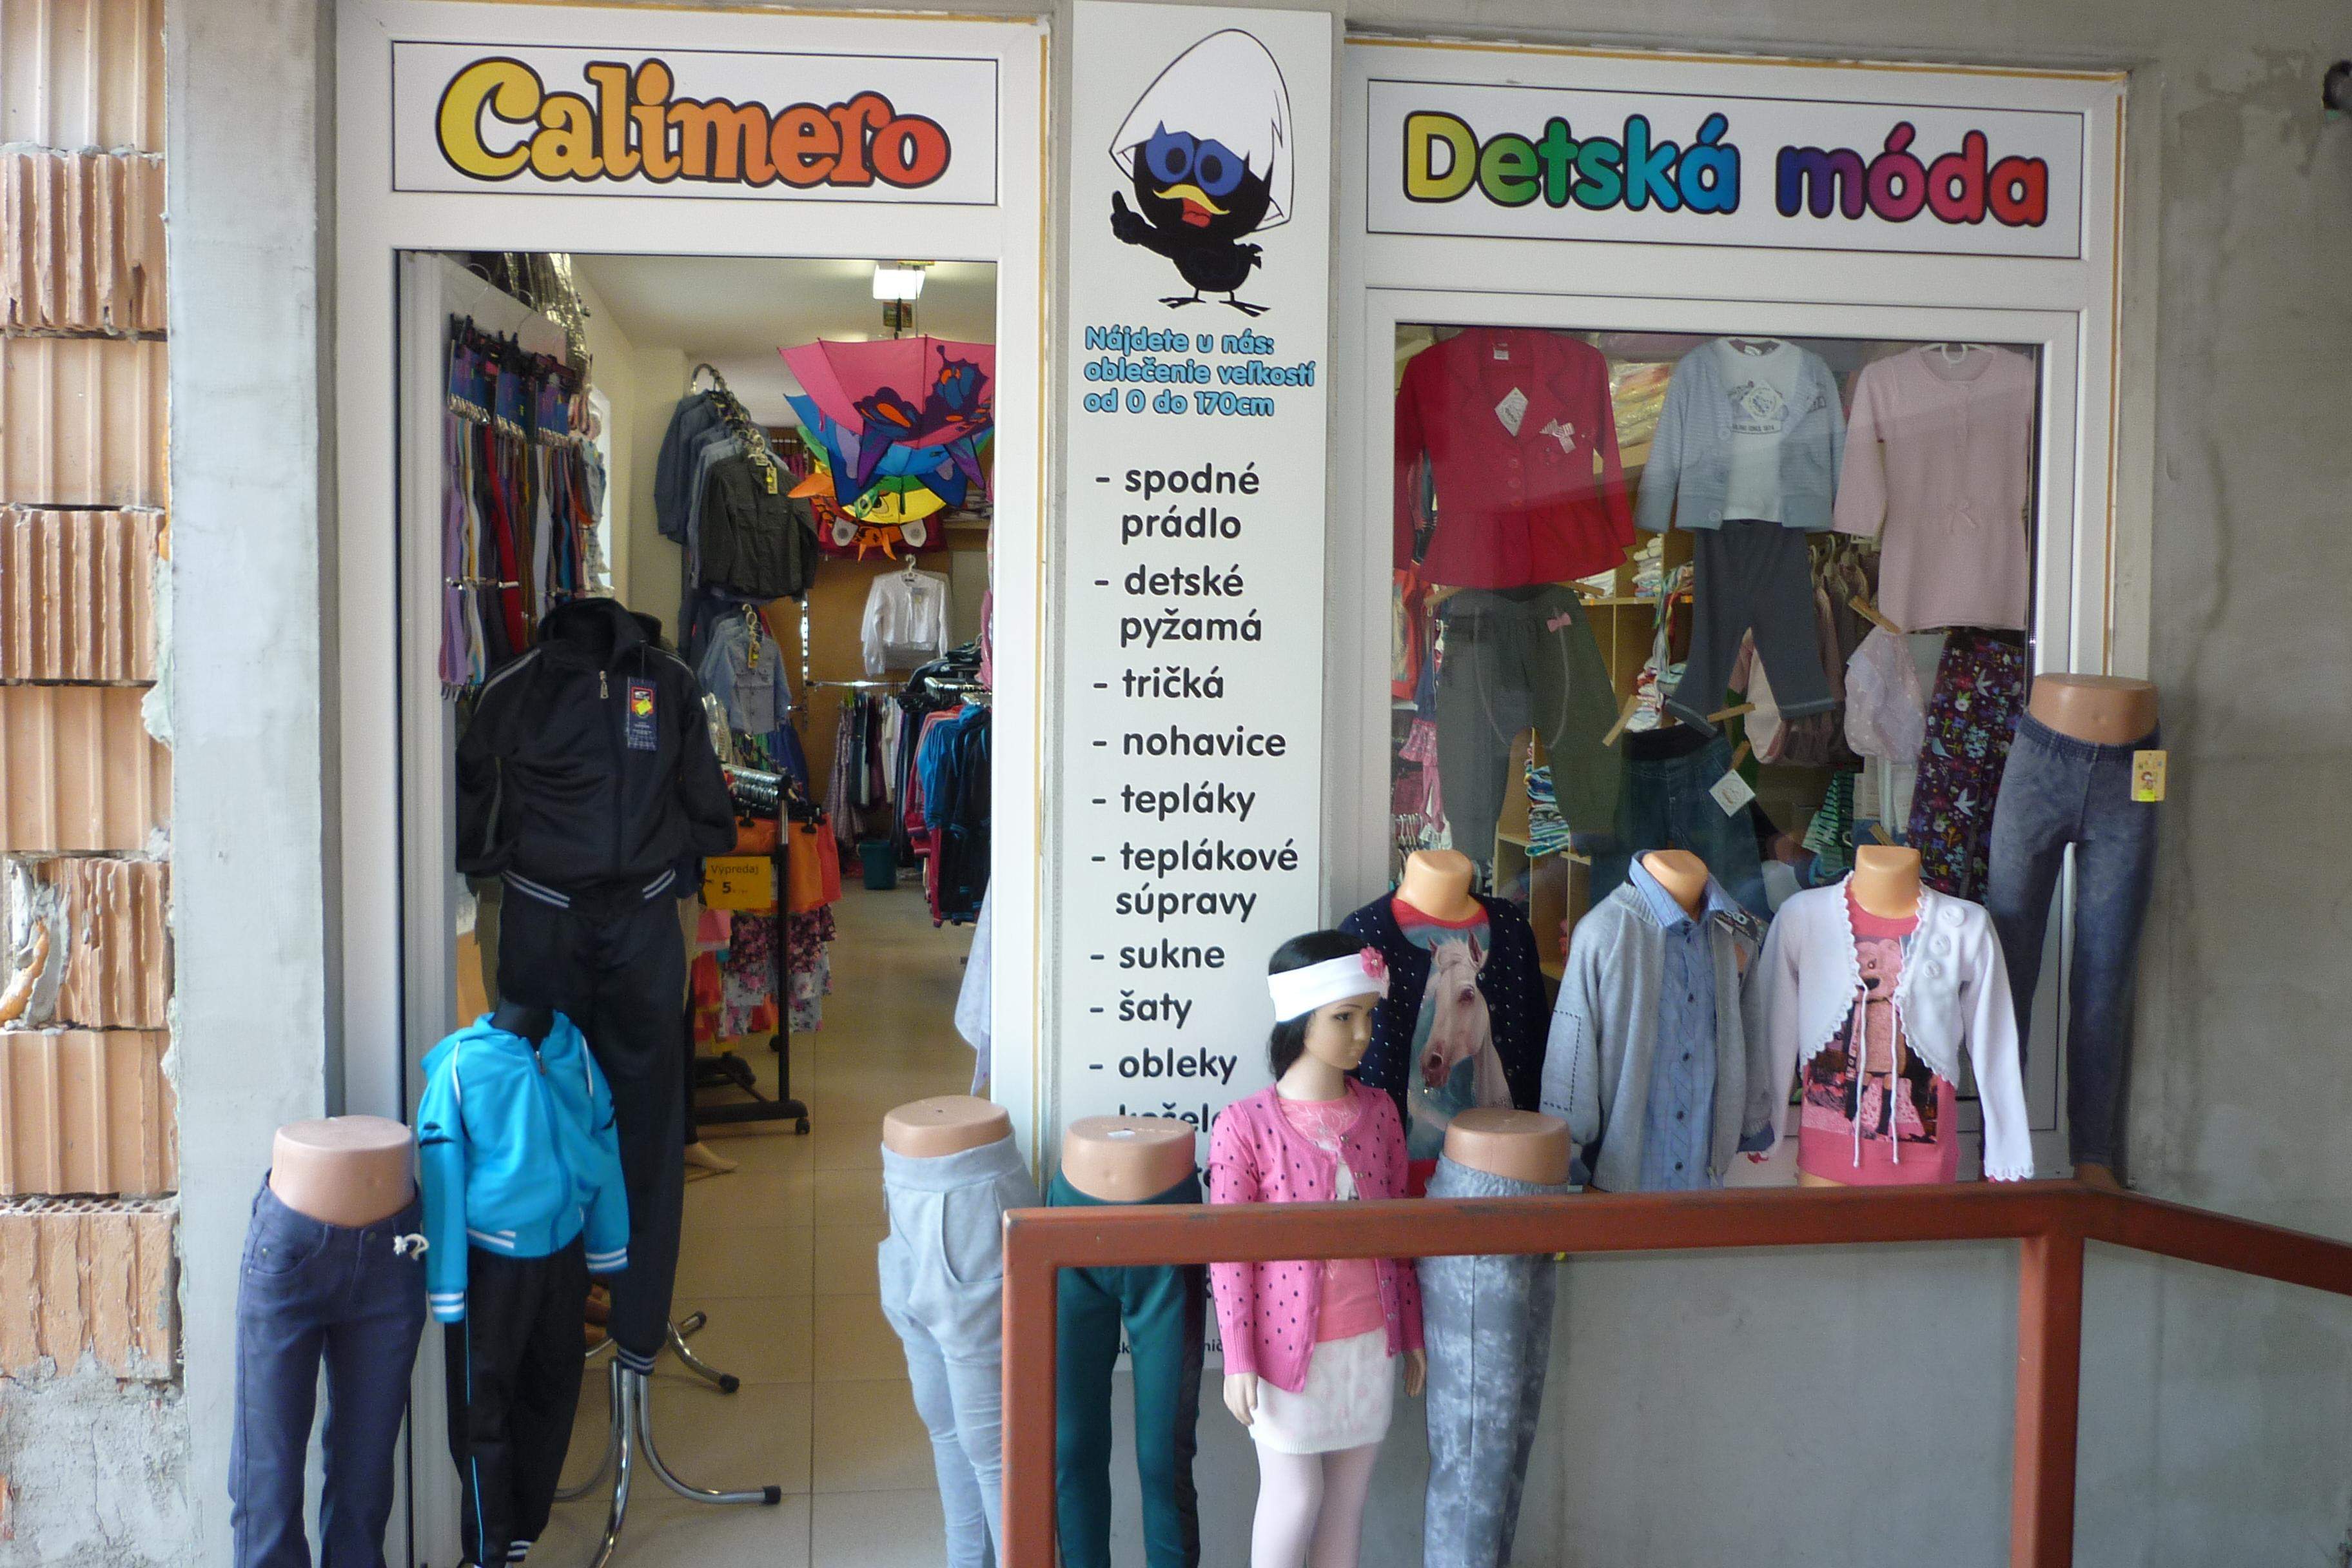 655cdb8cea0d CALIMERO - Detský textil Nitra - Móda